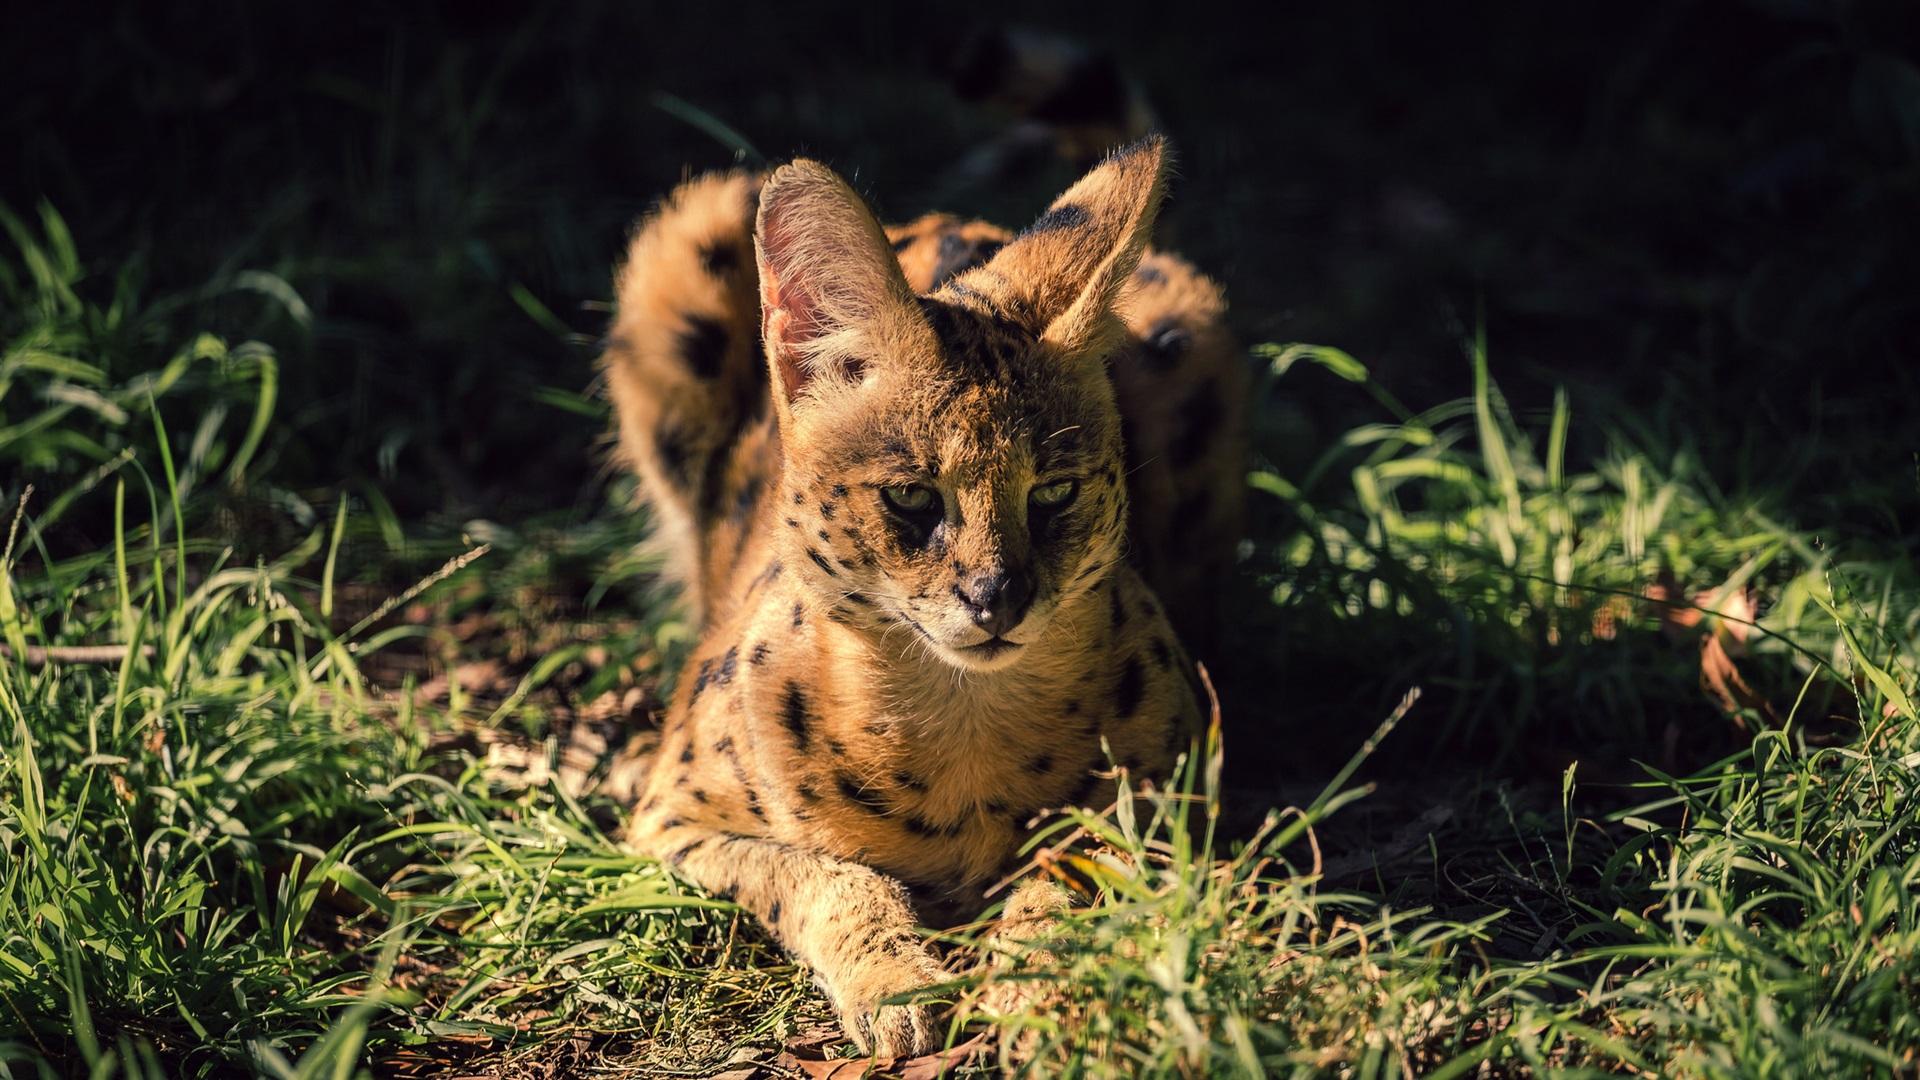 壁紙 野生の猫 サーバル 草 夜 1920x1200 Hd 無料のデスクトップの